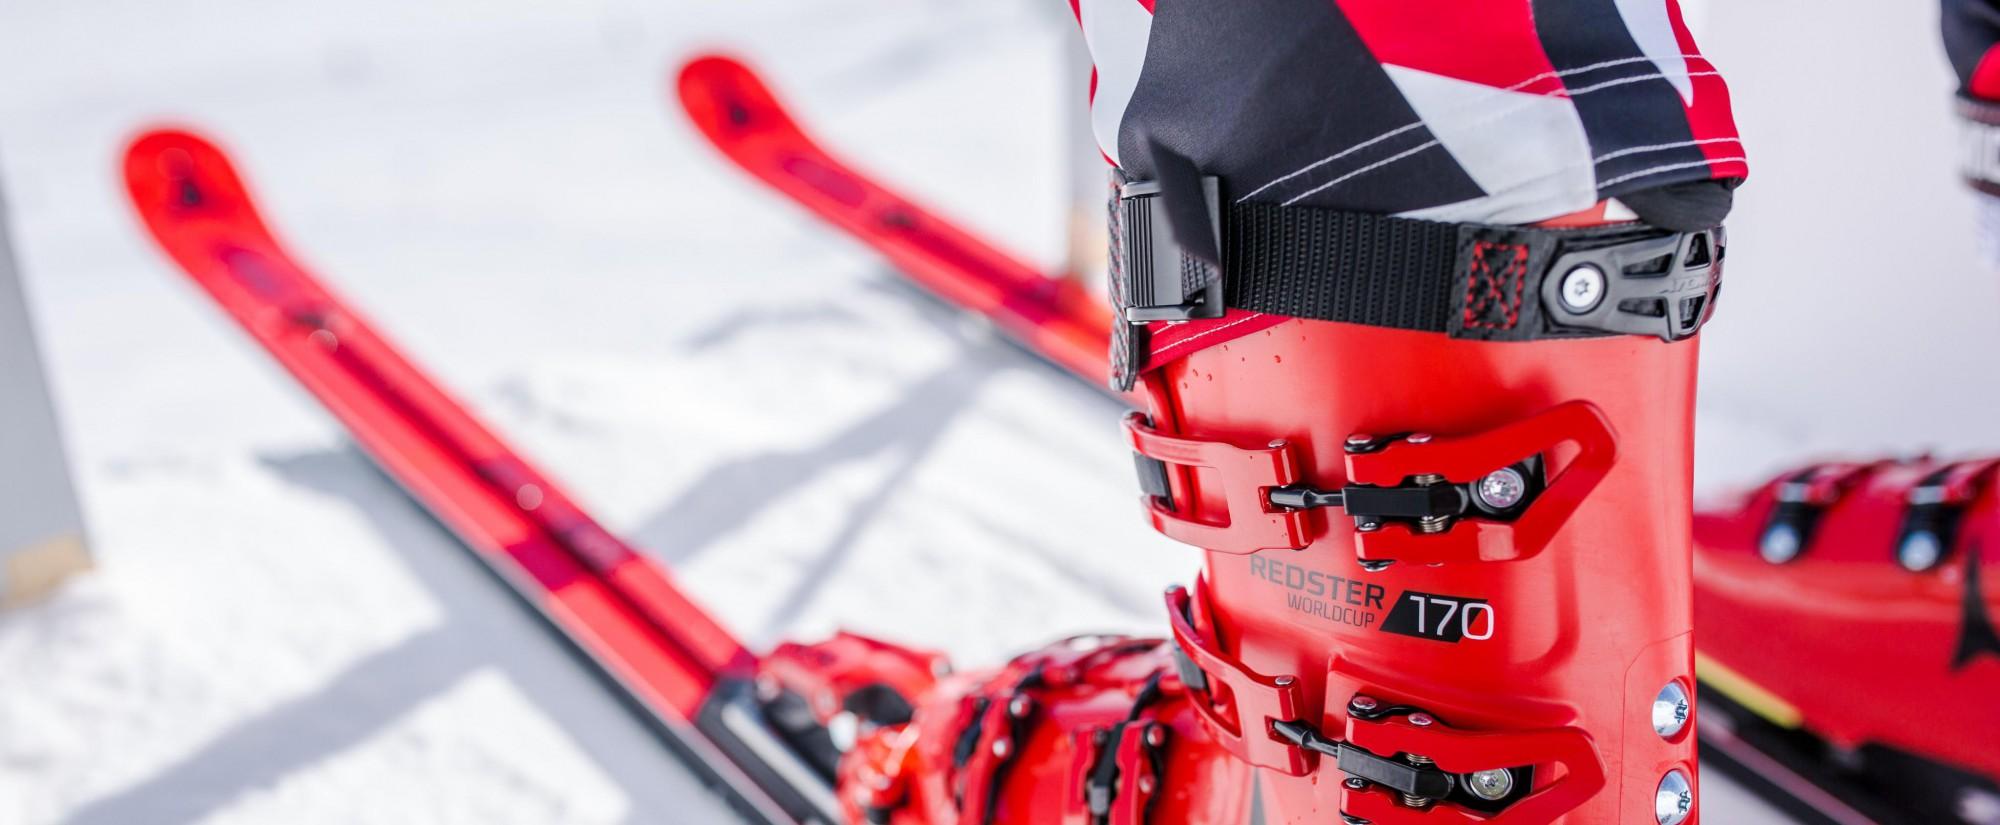 atomic skischuh